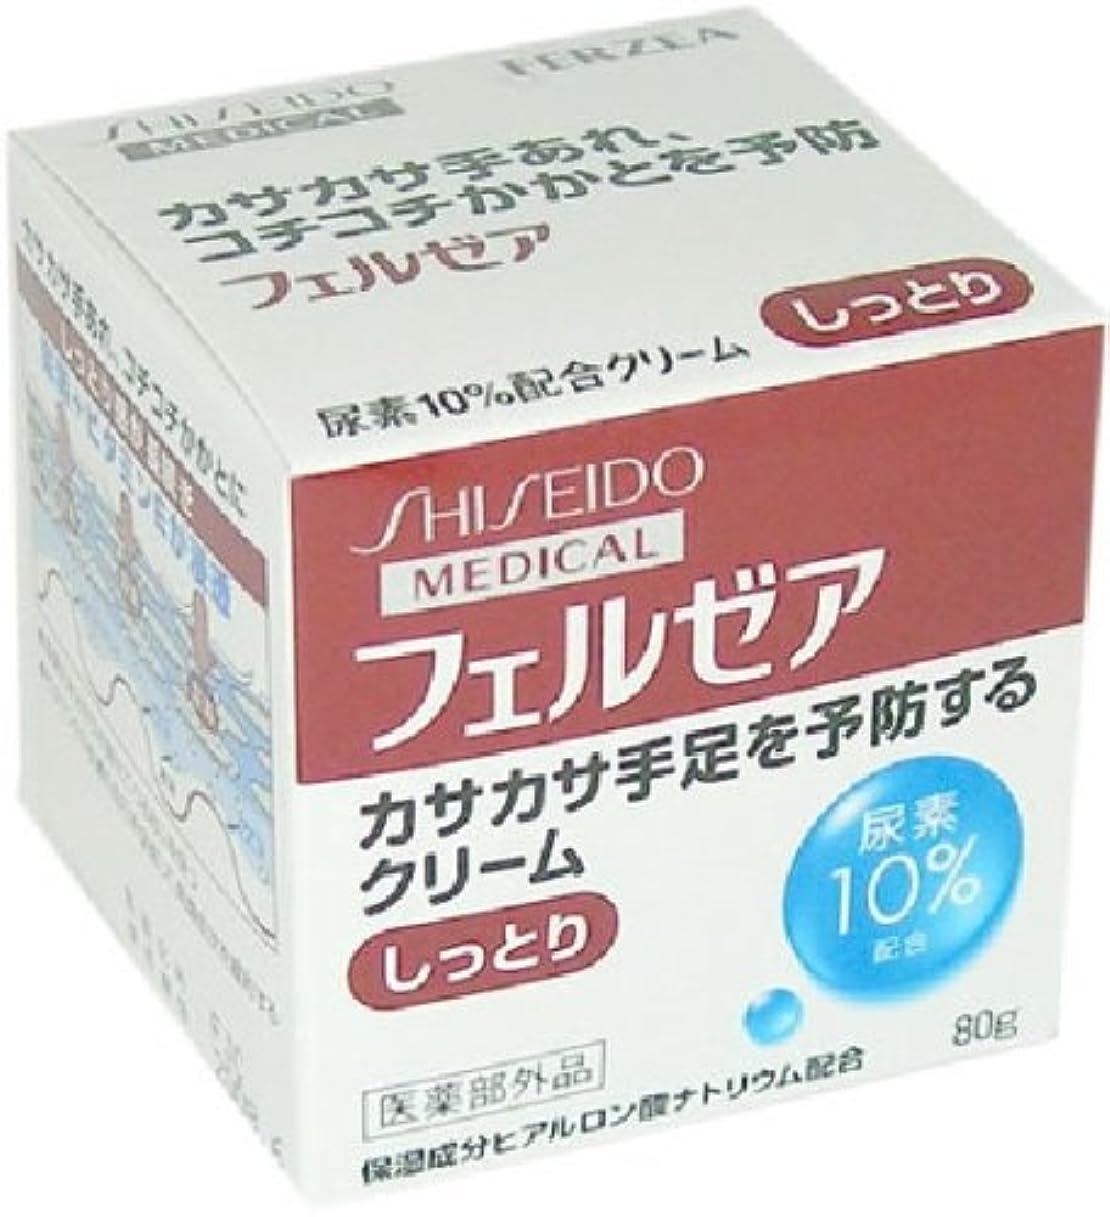 ロードハウス簡単なストラップフェルゼア クリームM しっとりジャータイプ 尿素10%配合 80g [指定医薬部外品]